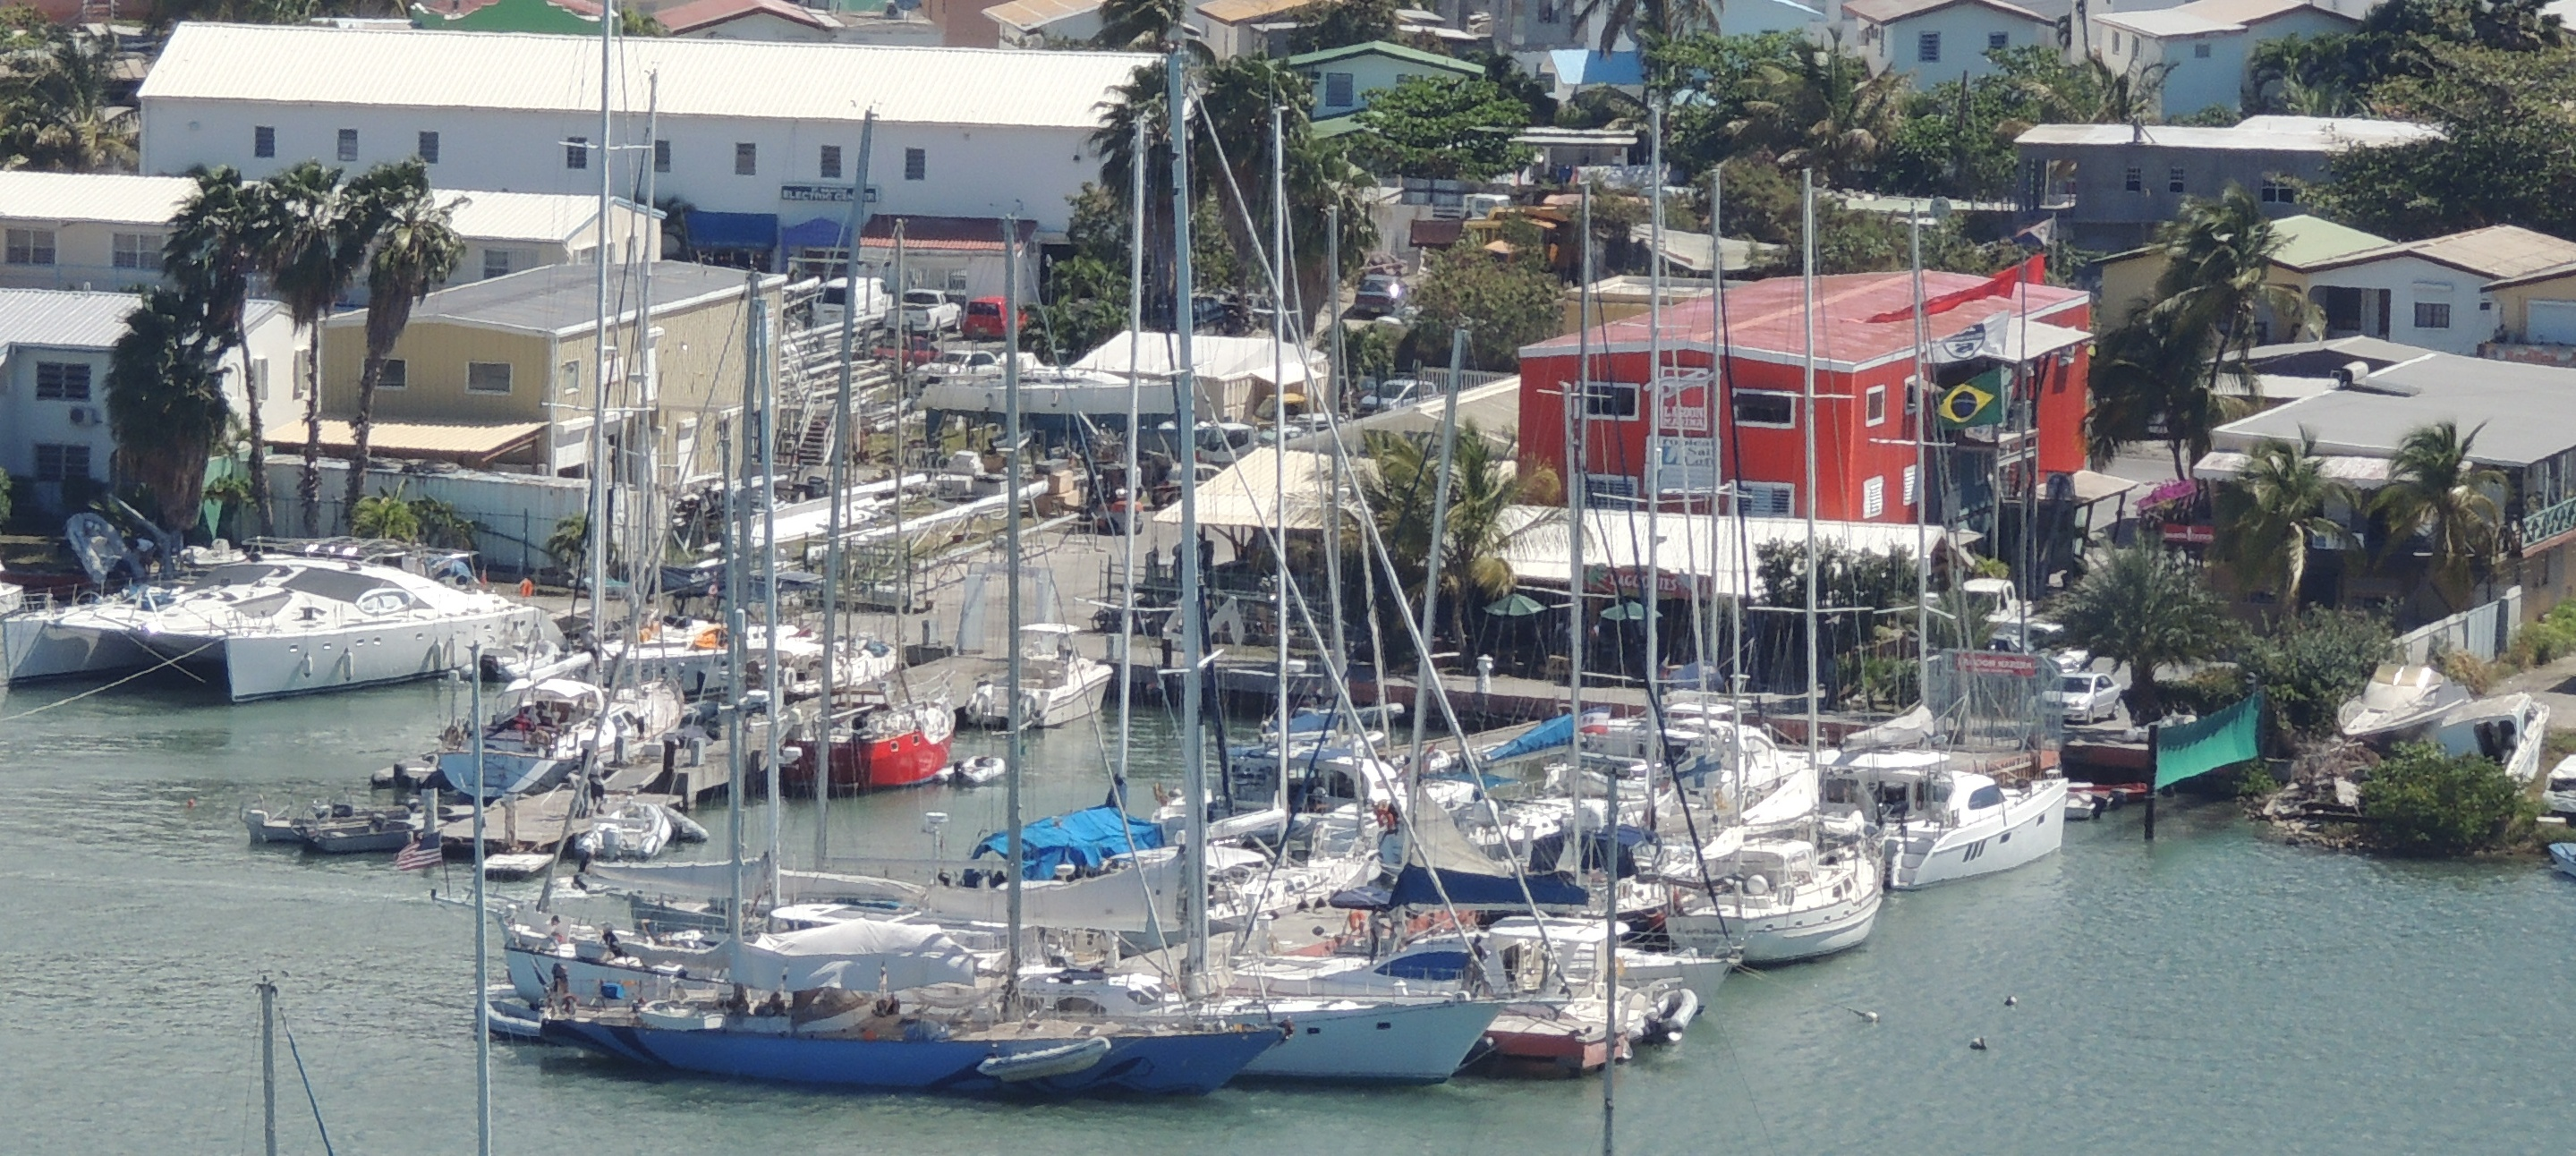 Lagoon Marina